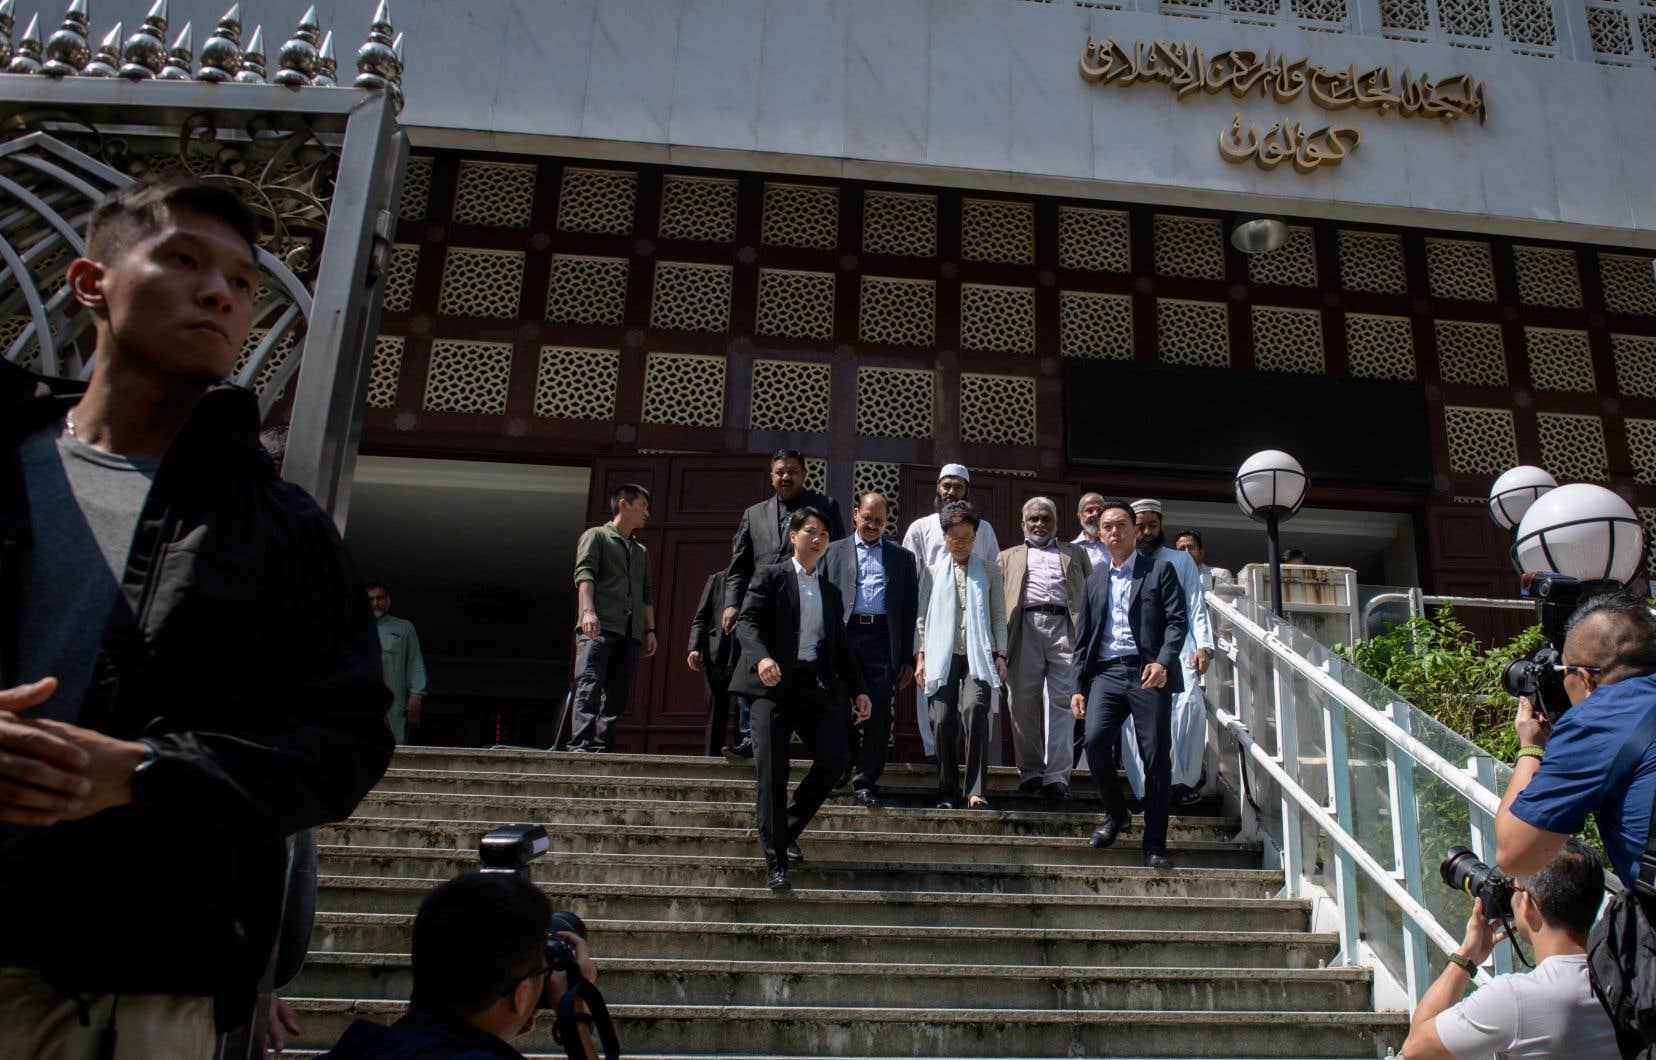 La cheffe de l'exécutif hongkongais, Carrie Lam, a effectué lundi une brève visite dans cette mosquée, le tout en présence d'un important dispositif de sécurité.